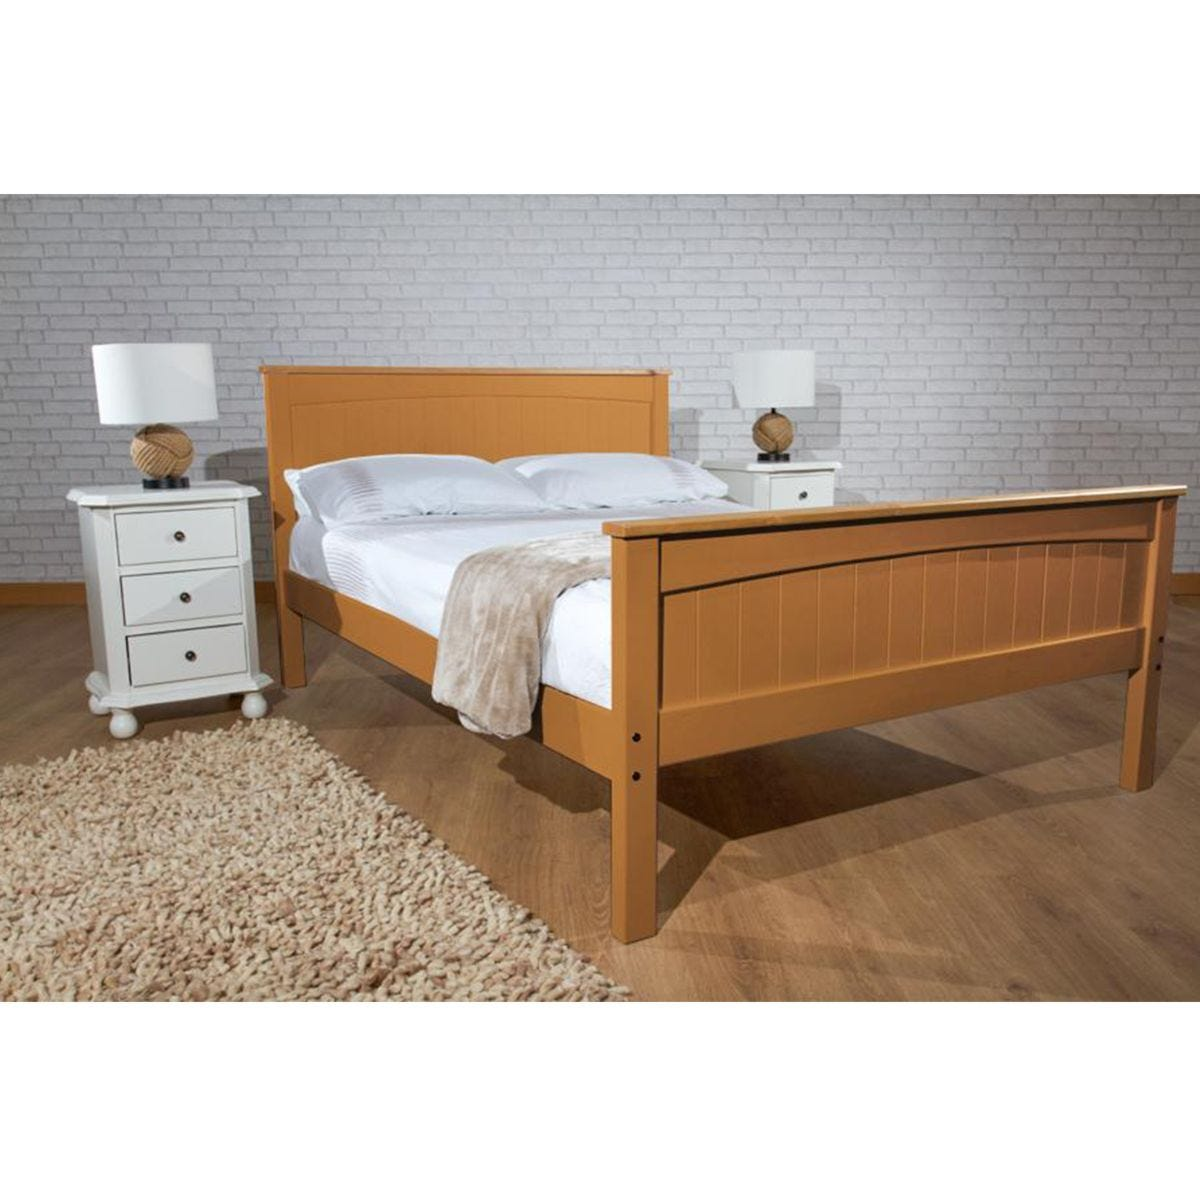 Dunte Bed Frame - Caramel